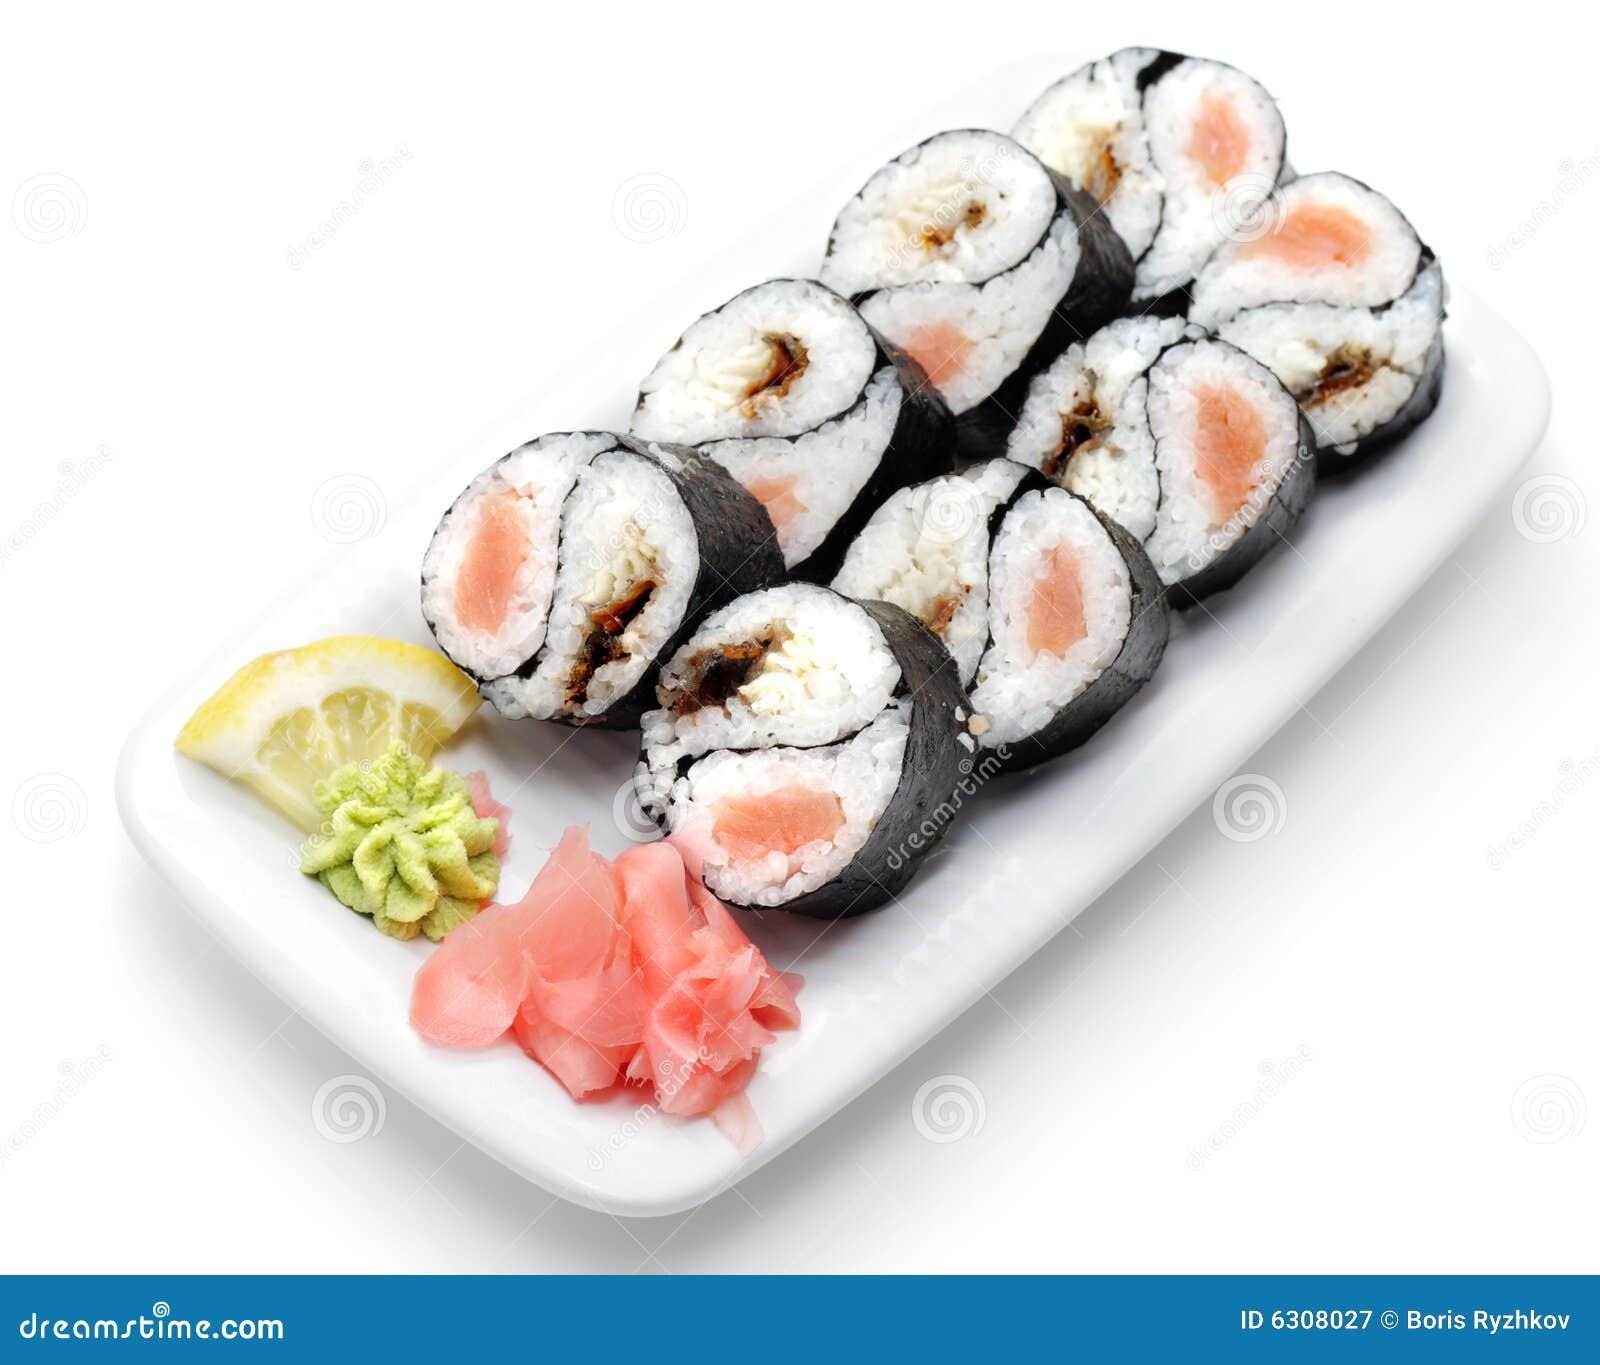 Cucina giapponese rolls yin yang fotografia stock libera for Cucine giapponesi